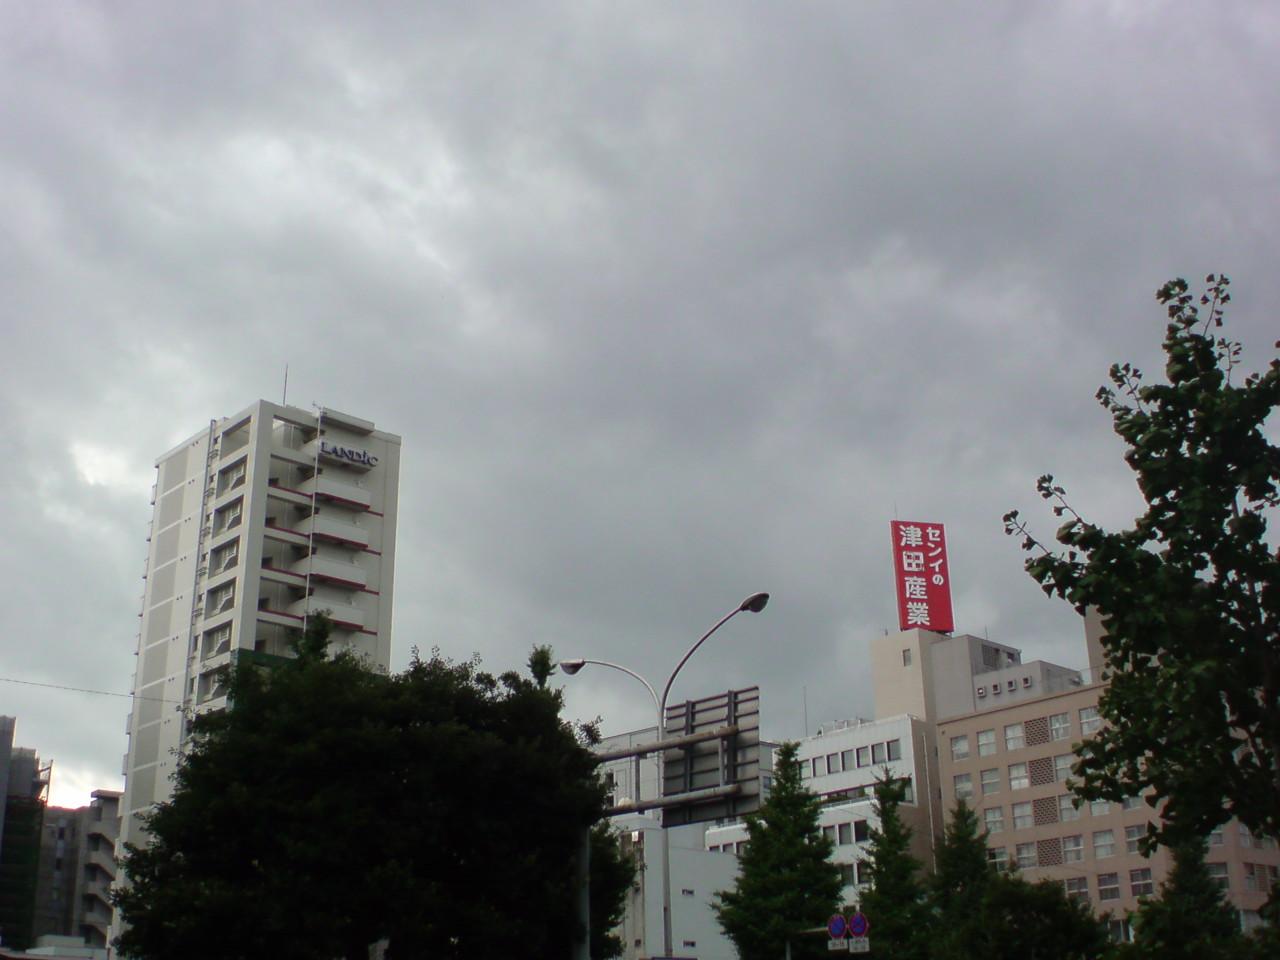 風が強くて雨もふり始まりました!